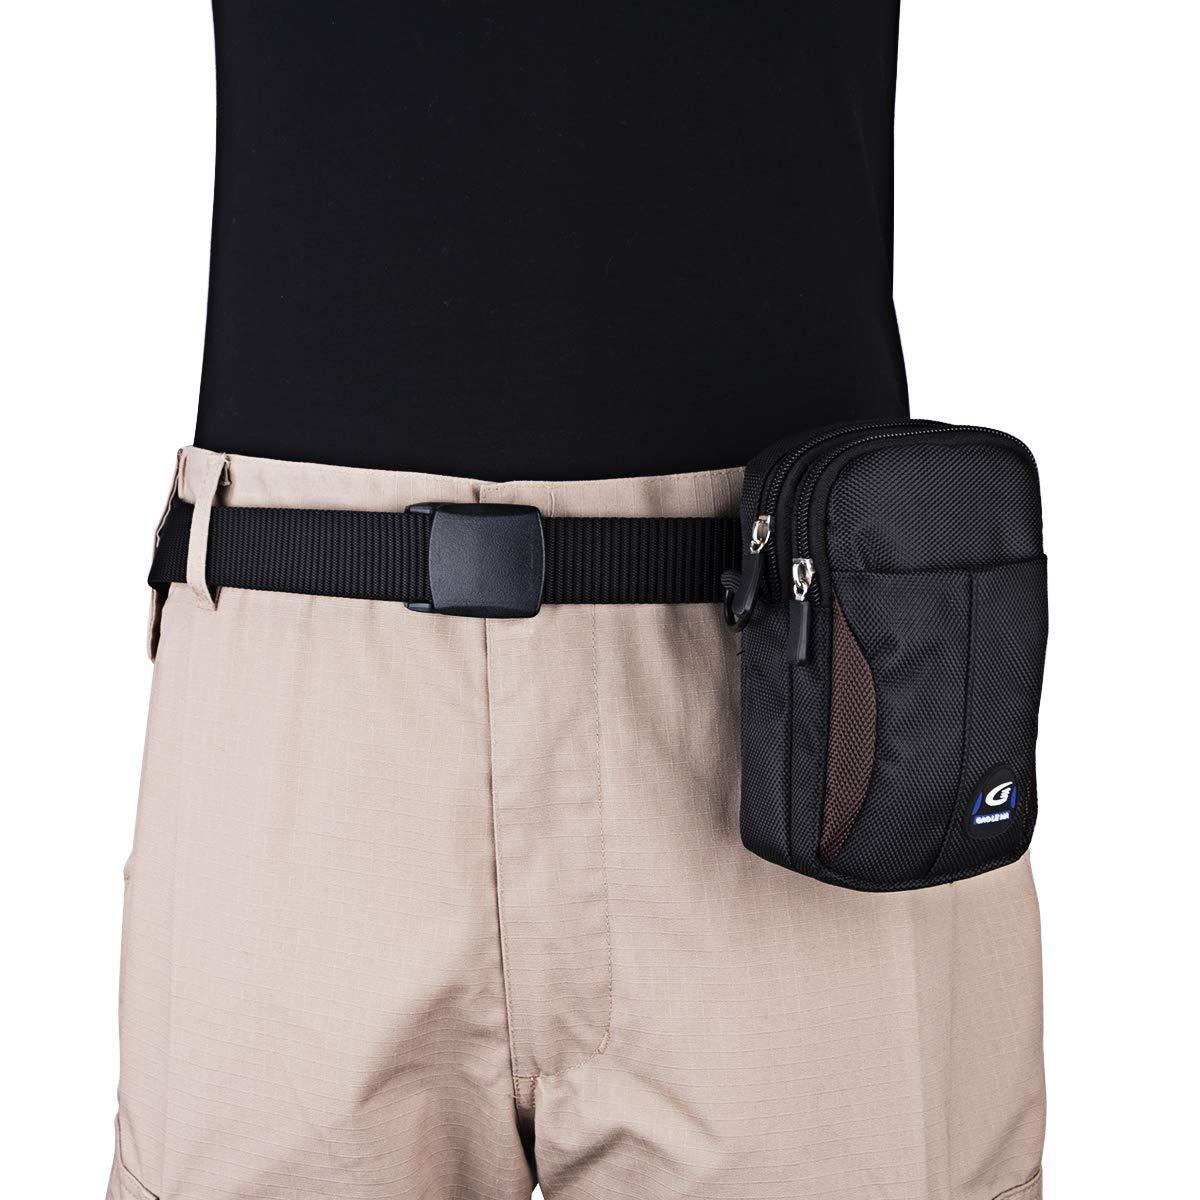 IronSeals AQ Tactical Waterproof Shoulder Tape 1000D Nylon Molle EDC Belt Waist Pouch Bag Zipper Tough D-Ring Two Interlayer Wallet